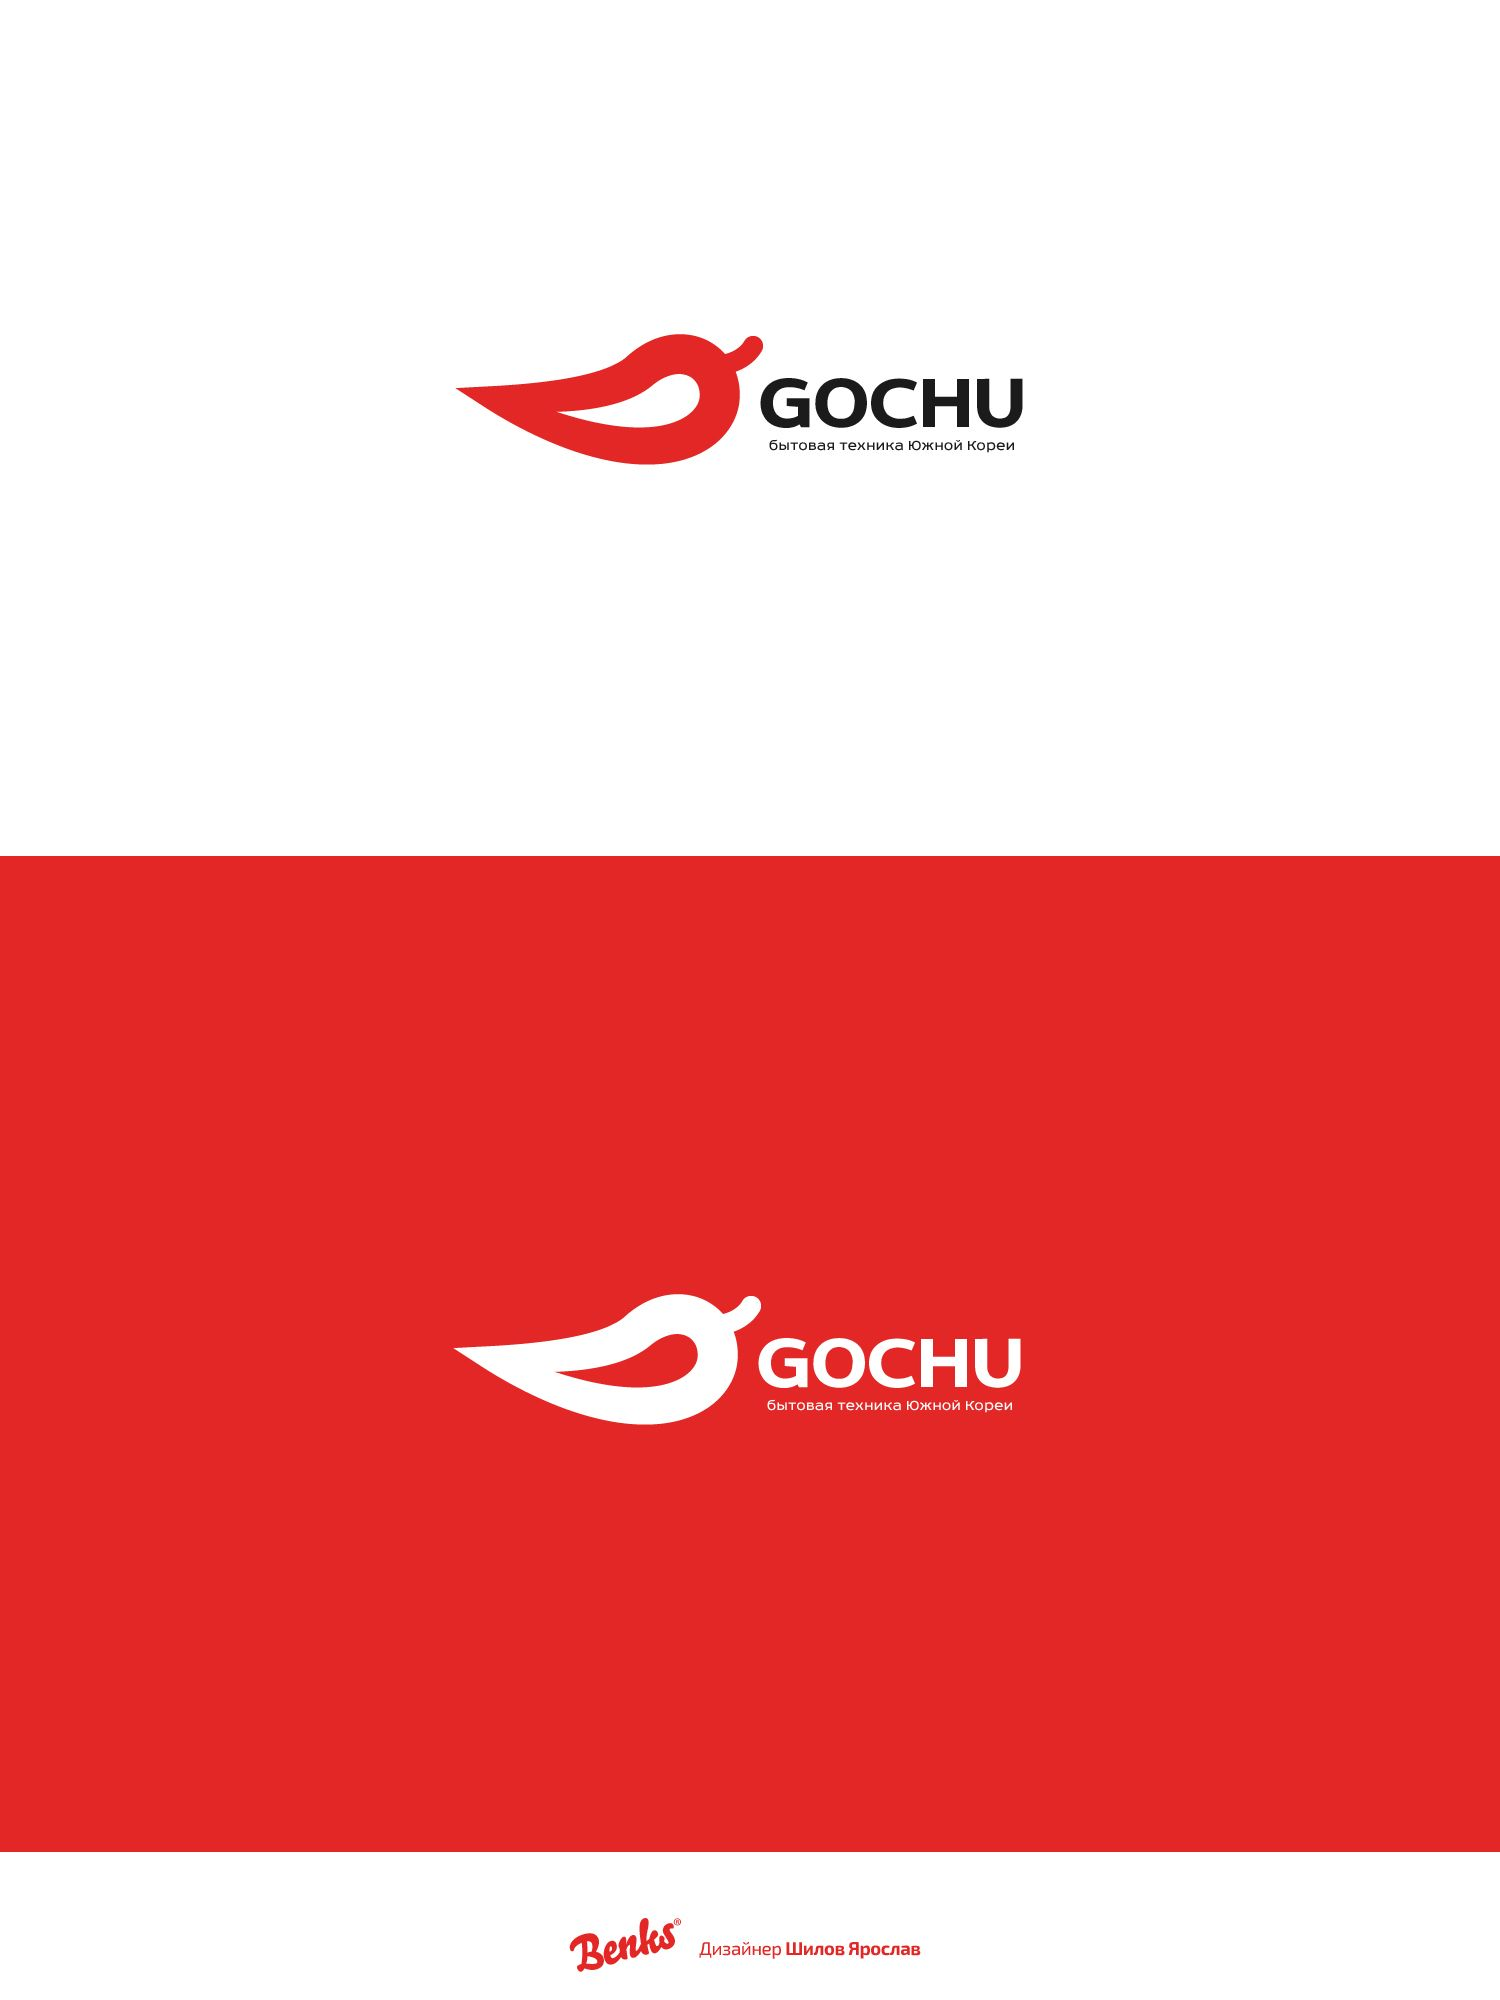 Логотип для торговой марки - дизайнер benks